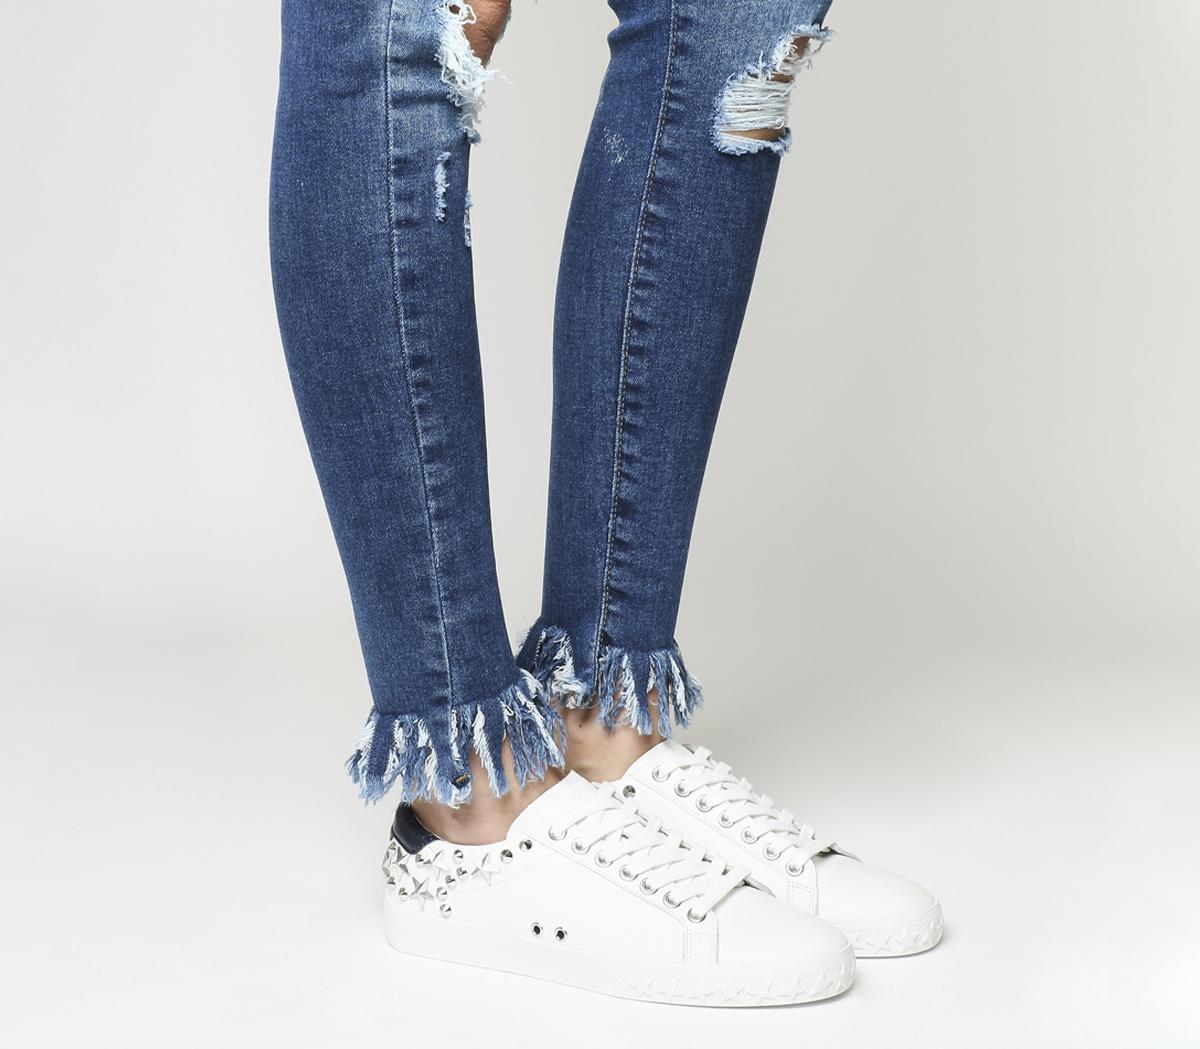 Dazed Sneakers